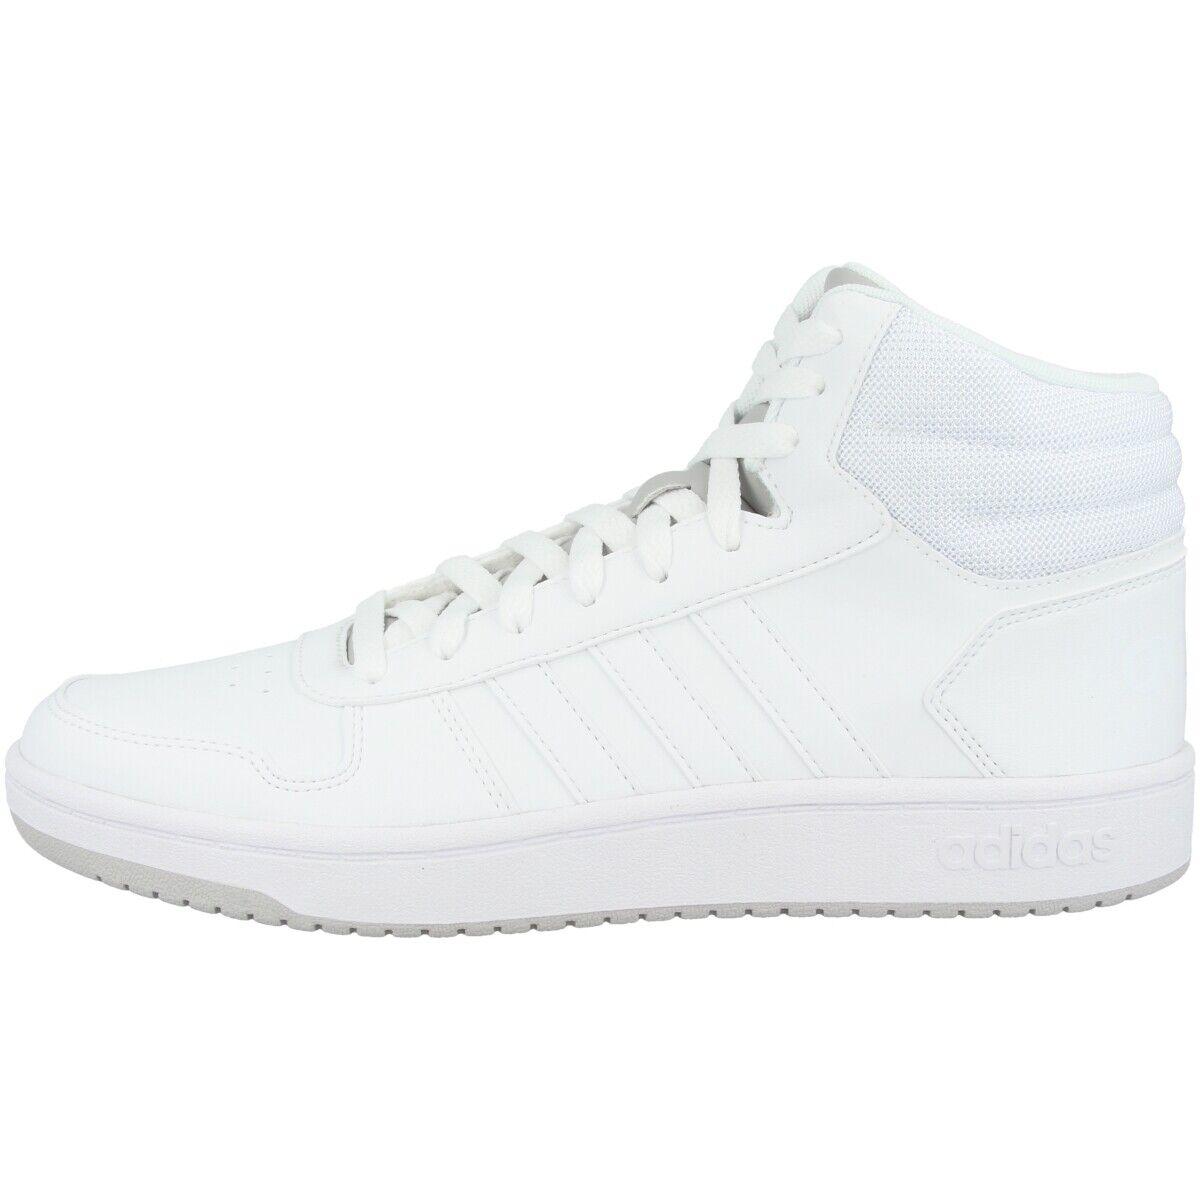 Adidas Hoops 2.0 Mid Schuhe Men Herren Freizeit Retro Turnschuhe Weiß grau F34813